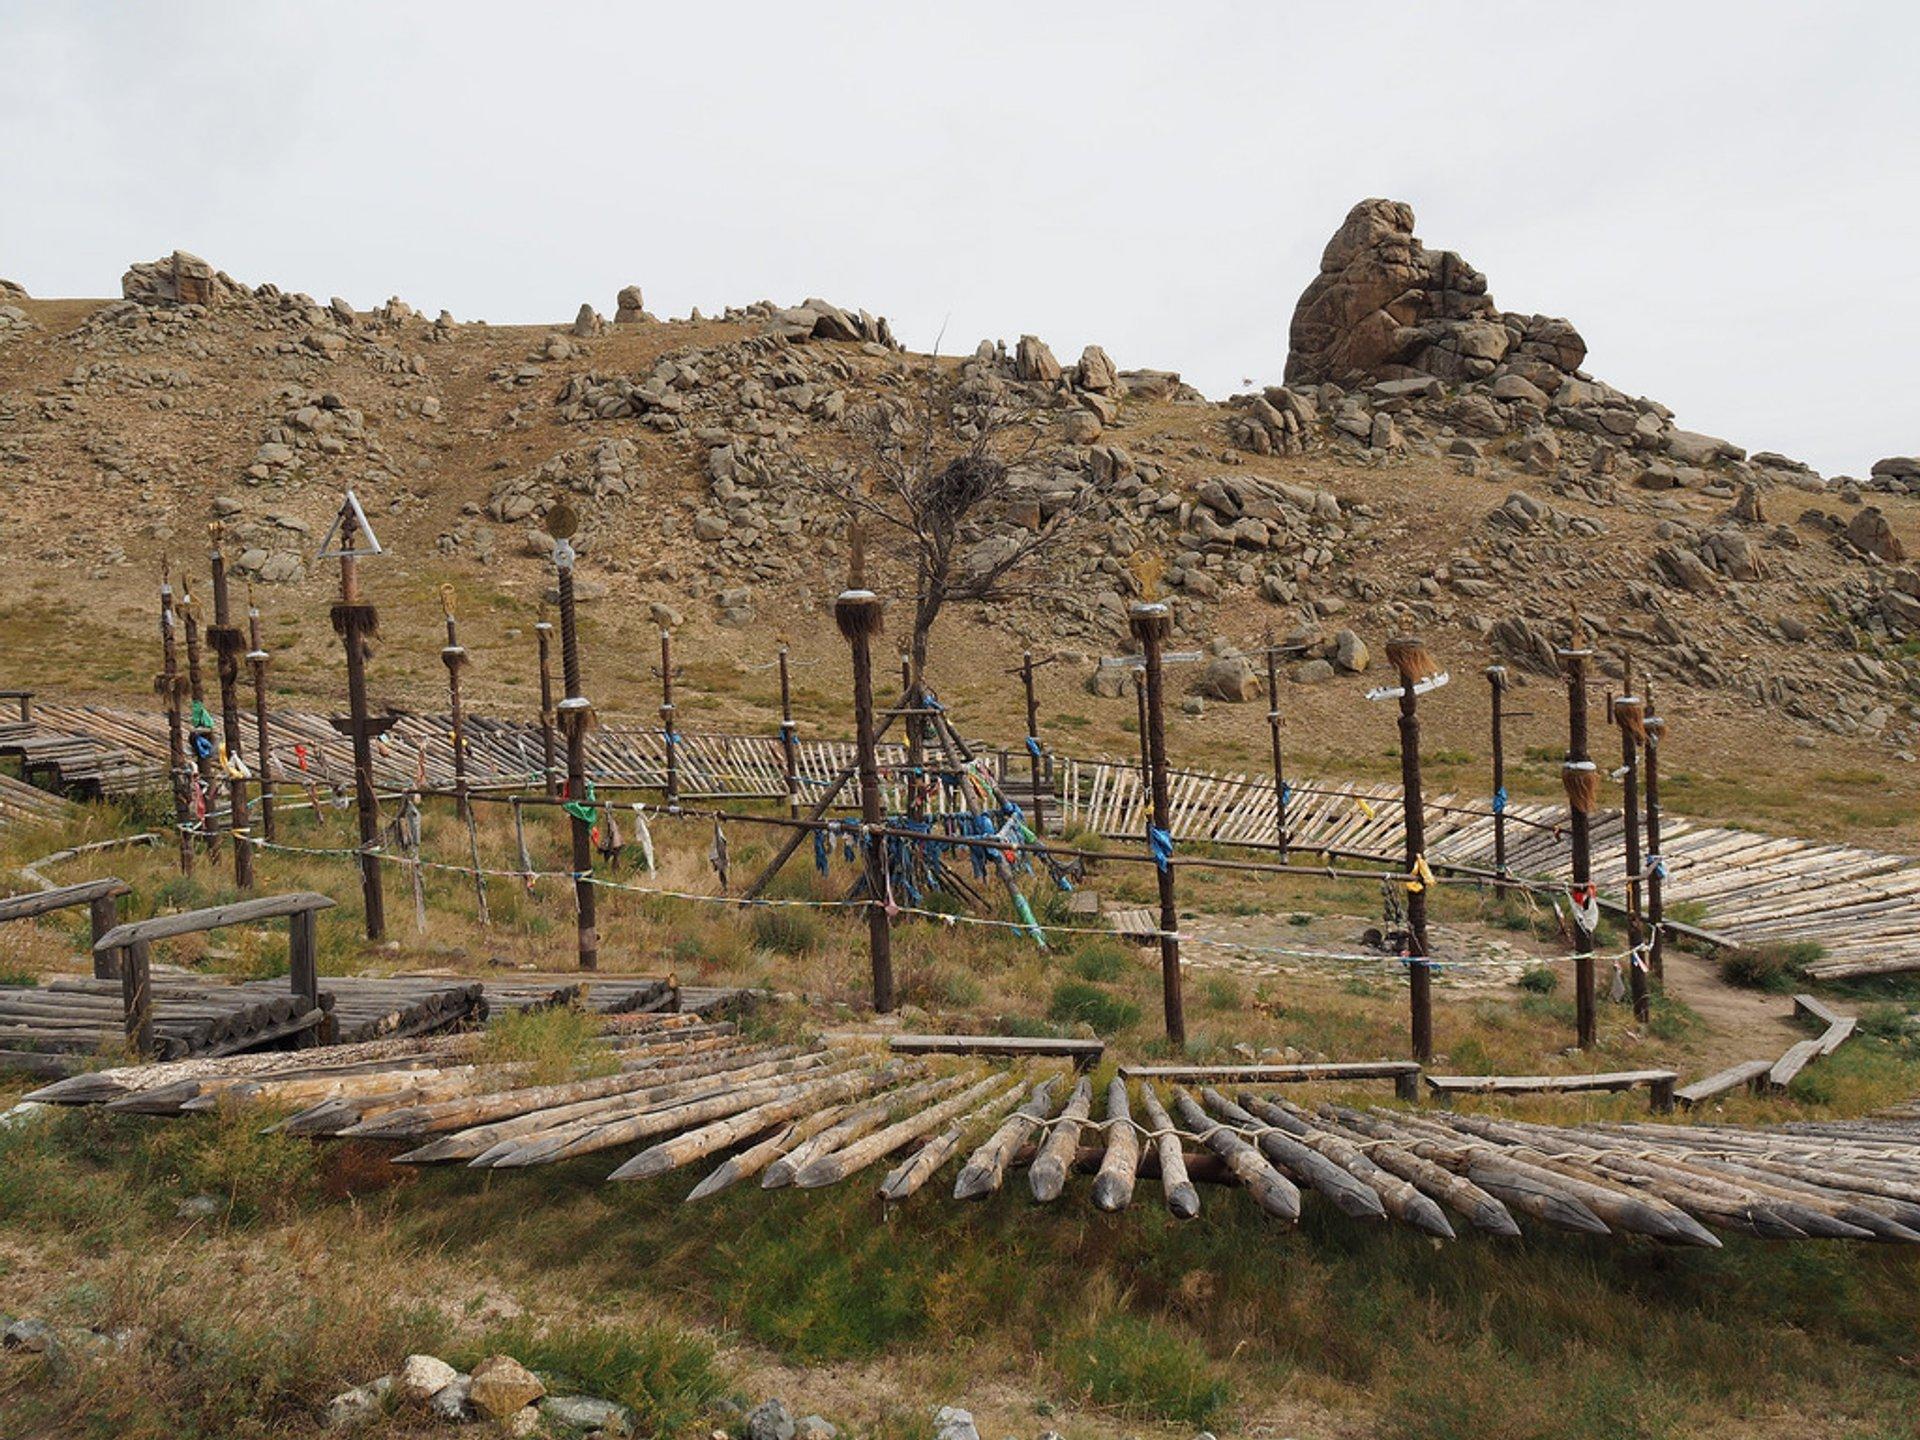 Shaman camp 2019